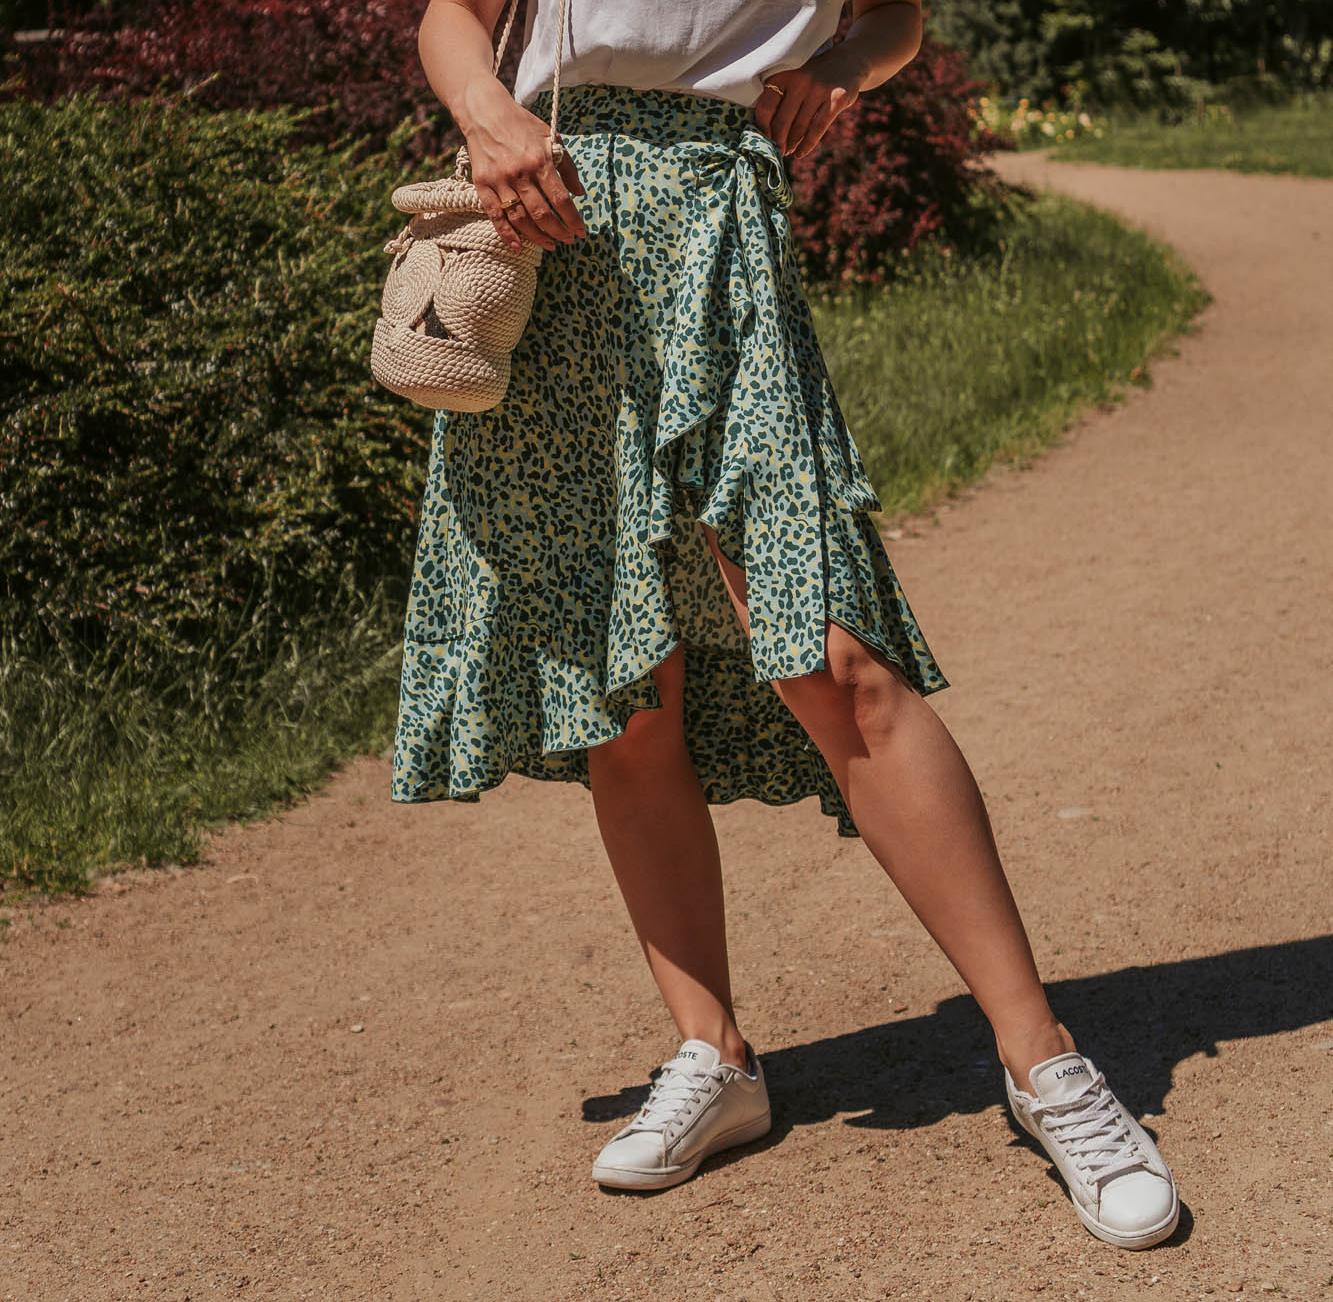 Poszło zgaszone lato na zakupy... Rzecz o spódnicy, printach i kolorach.